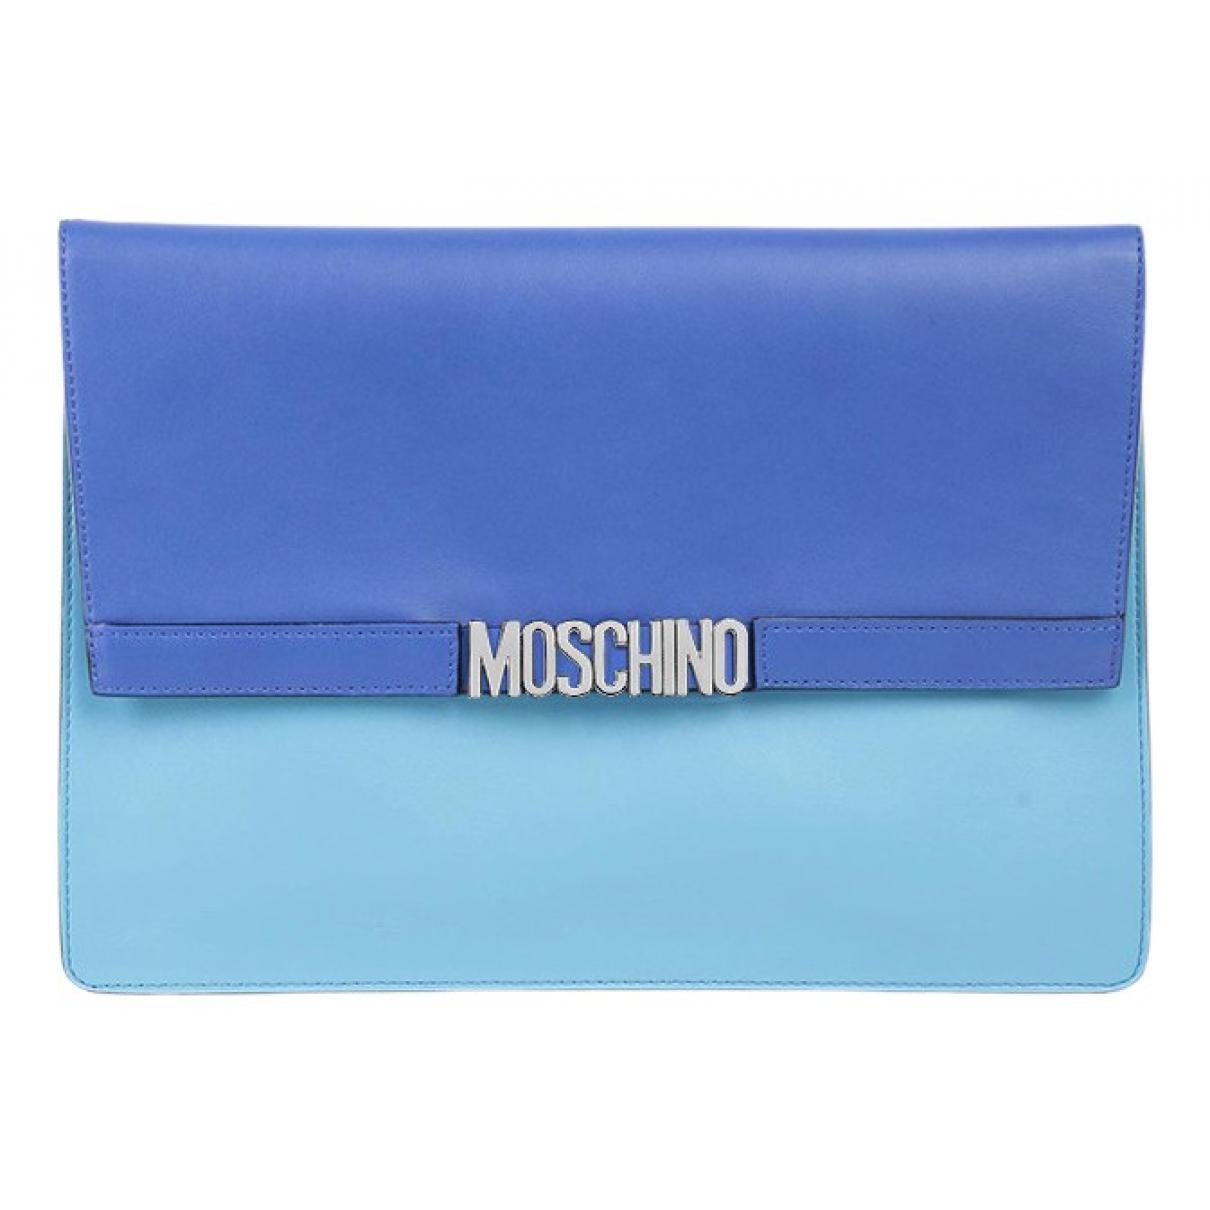 Moschino \N Clutch in  Blau Leder